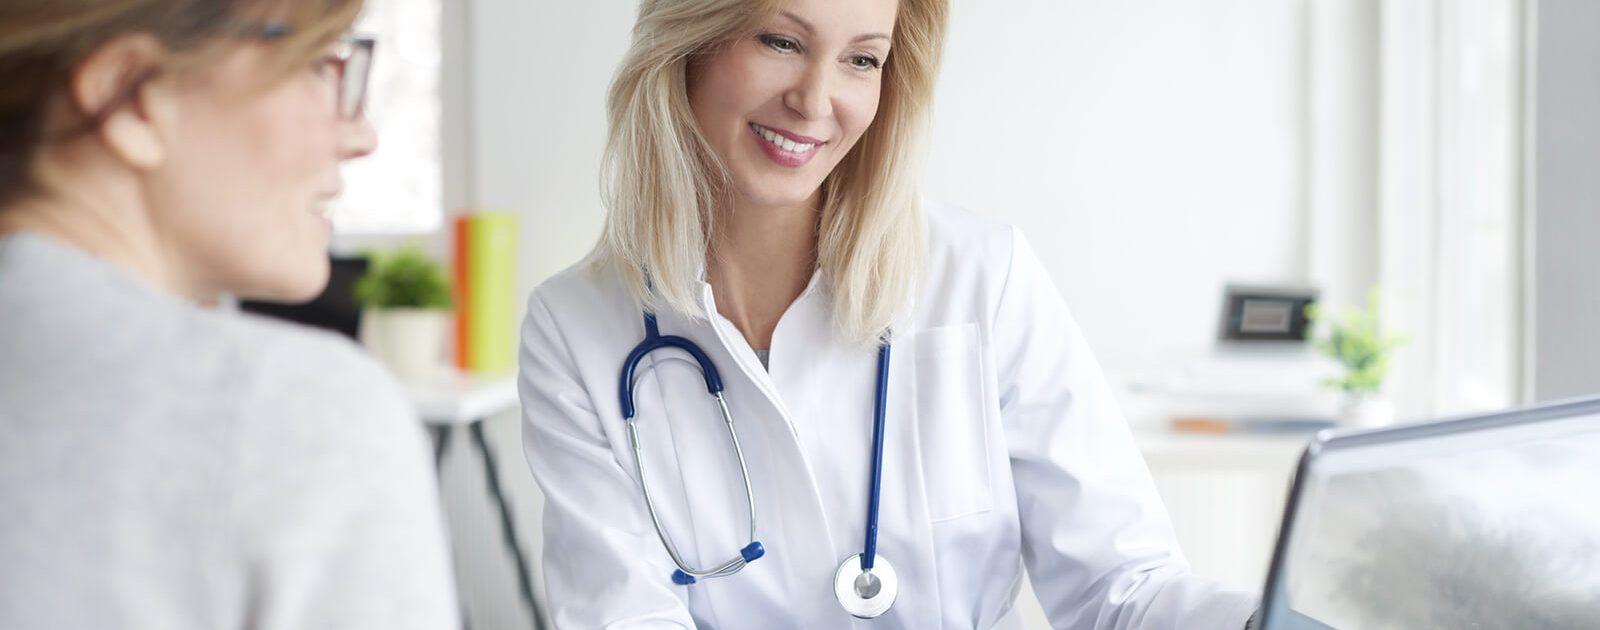 Um einen Vitamin B12-Mangel festzustellen, lässt sich eine Frau von einer Ärztin beraten.